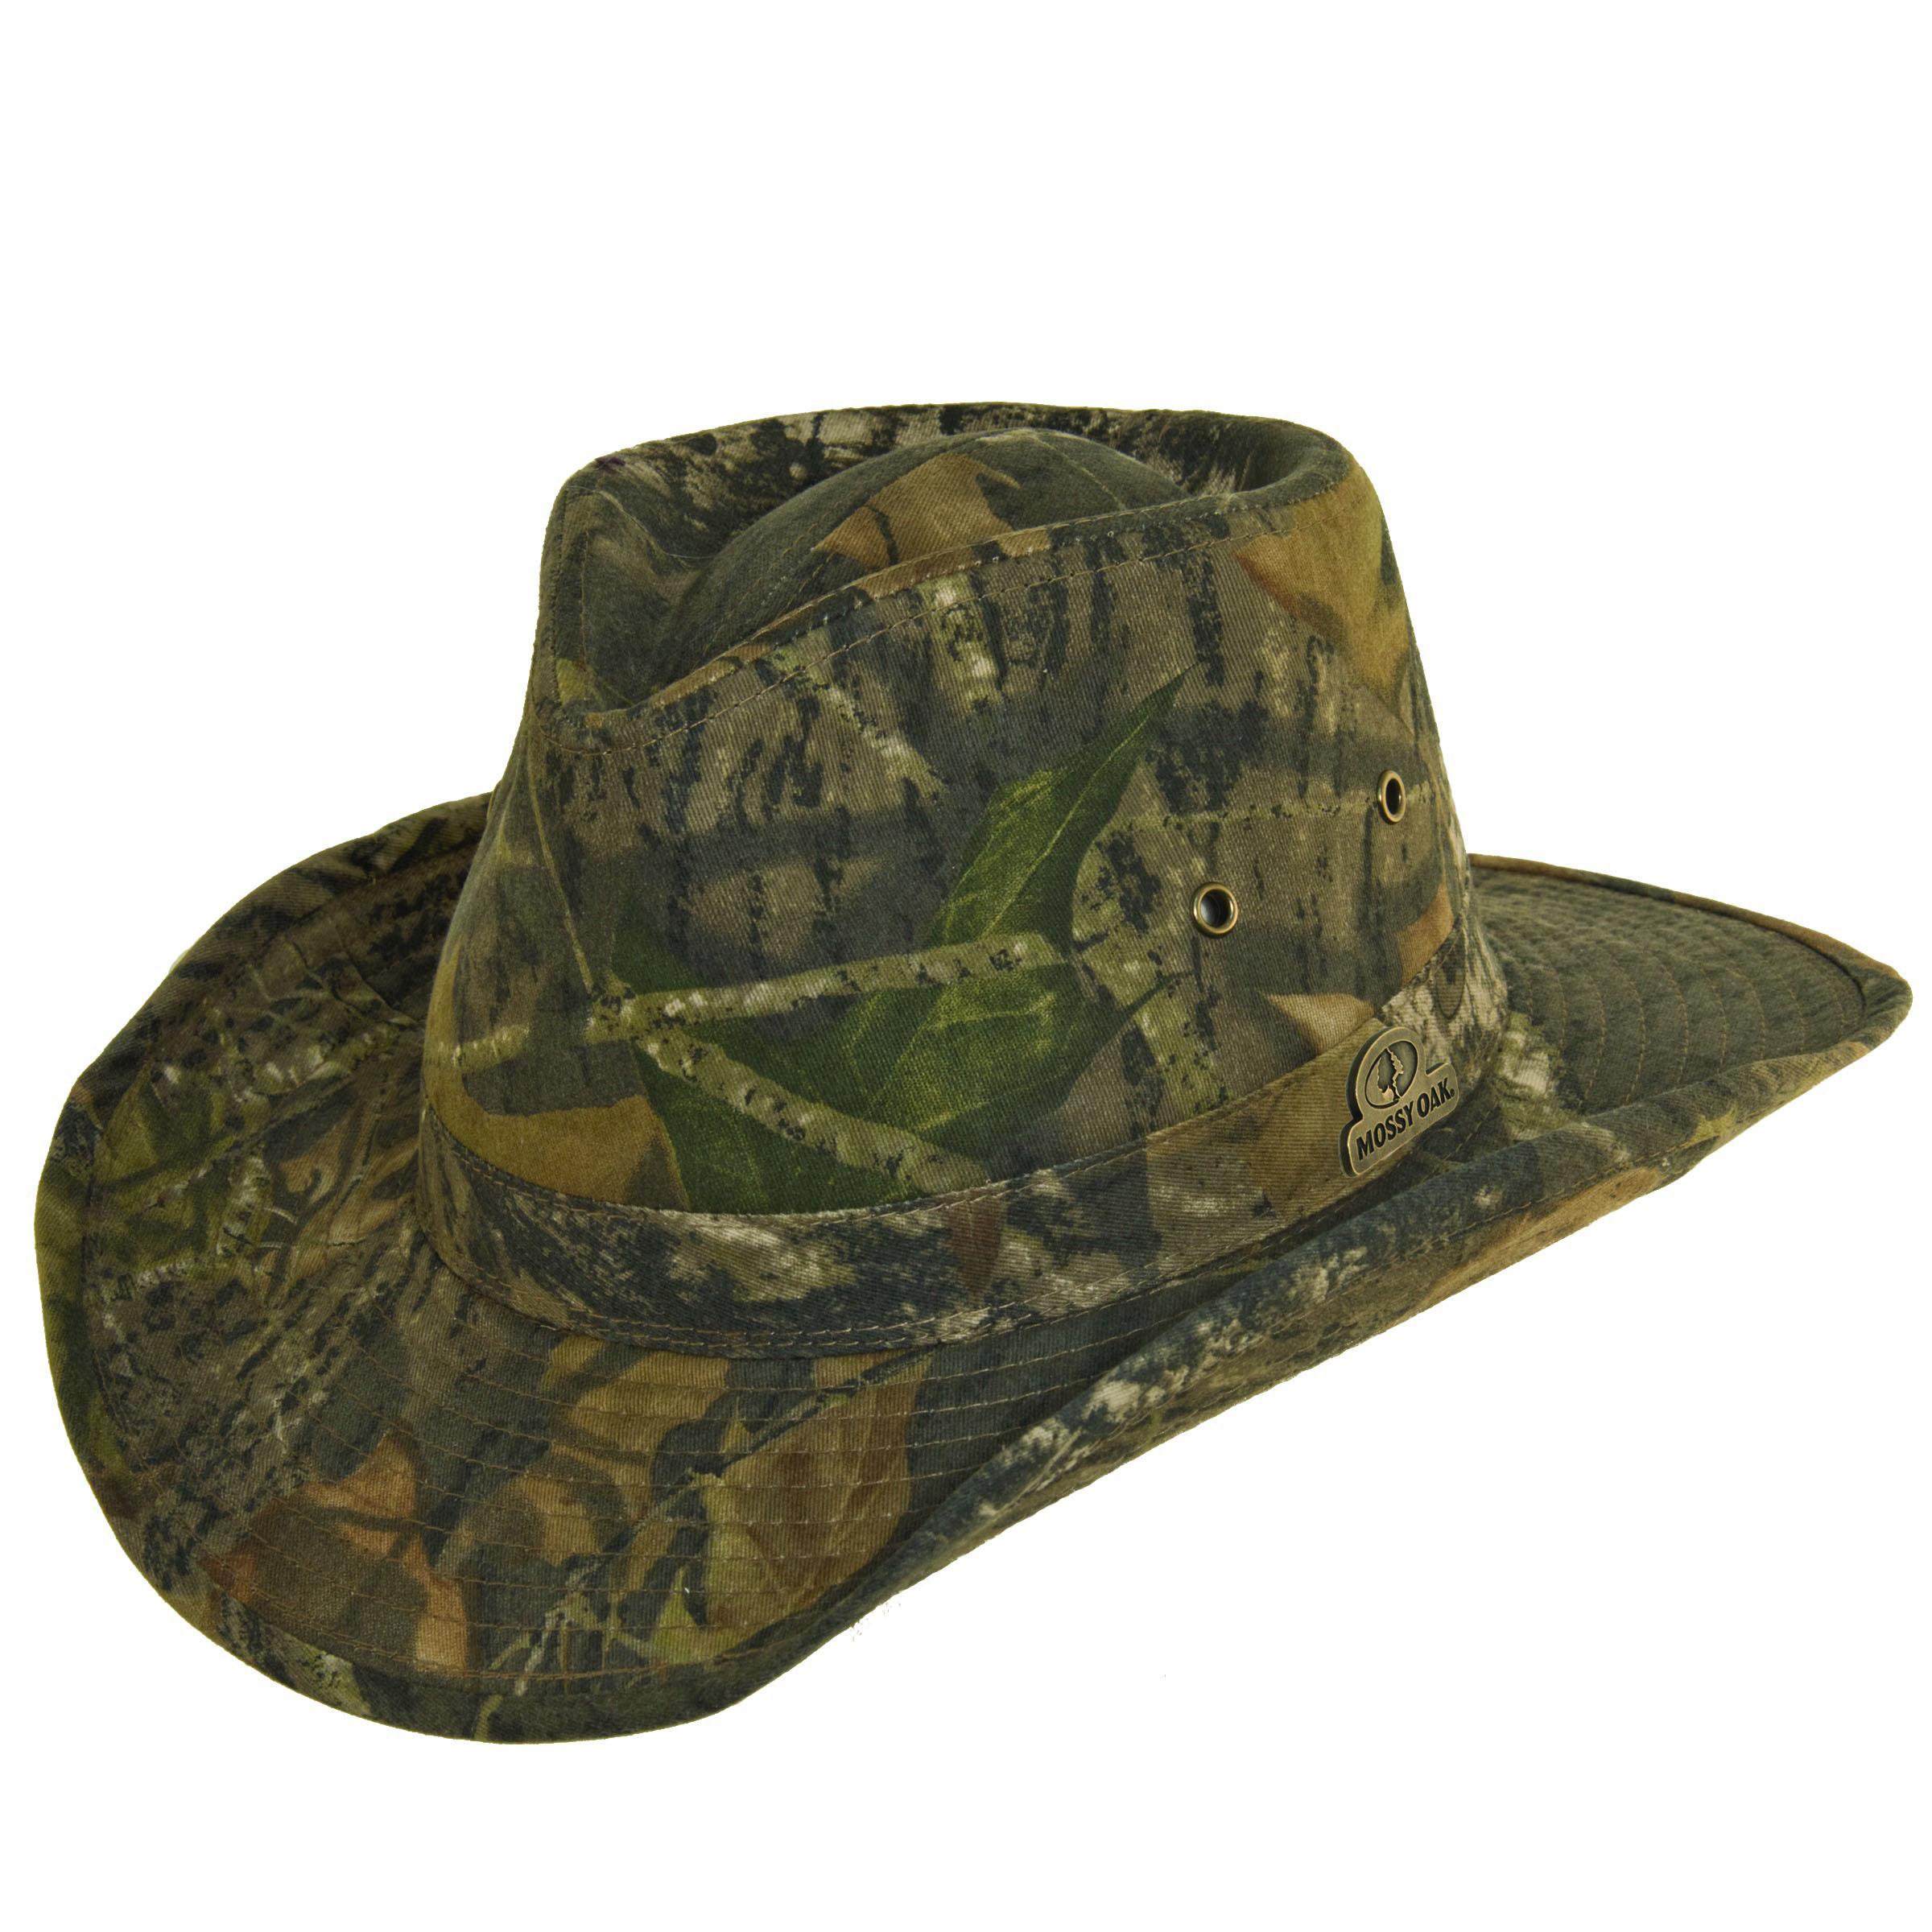 af77737d794b72 Mossy Oak Outback Hat with Shapeable Brim | Explorer Hats